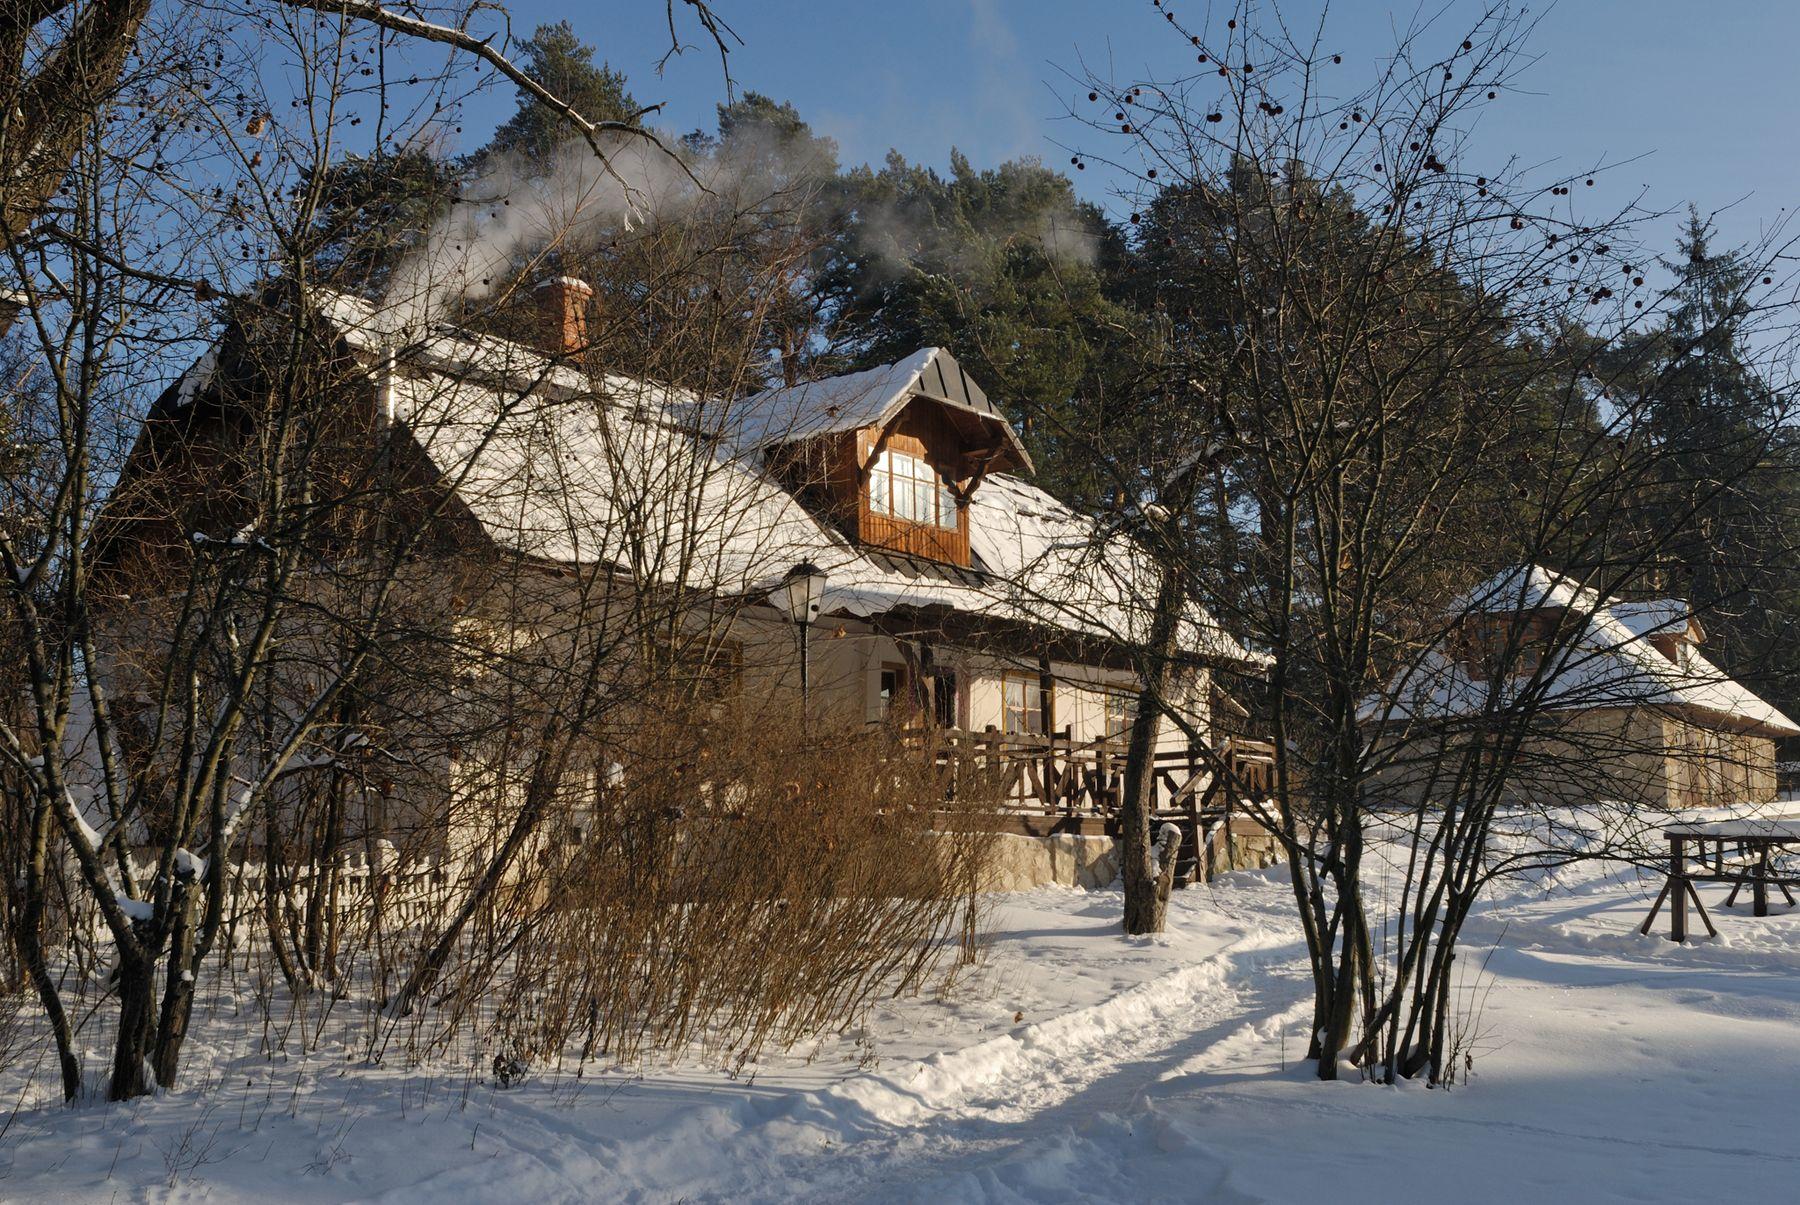 Усадьба Поленово. Флигель № 2 (дом управляющего) Россия Тульская область Поленово усадьба зима